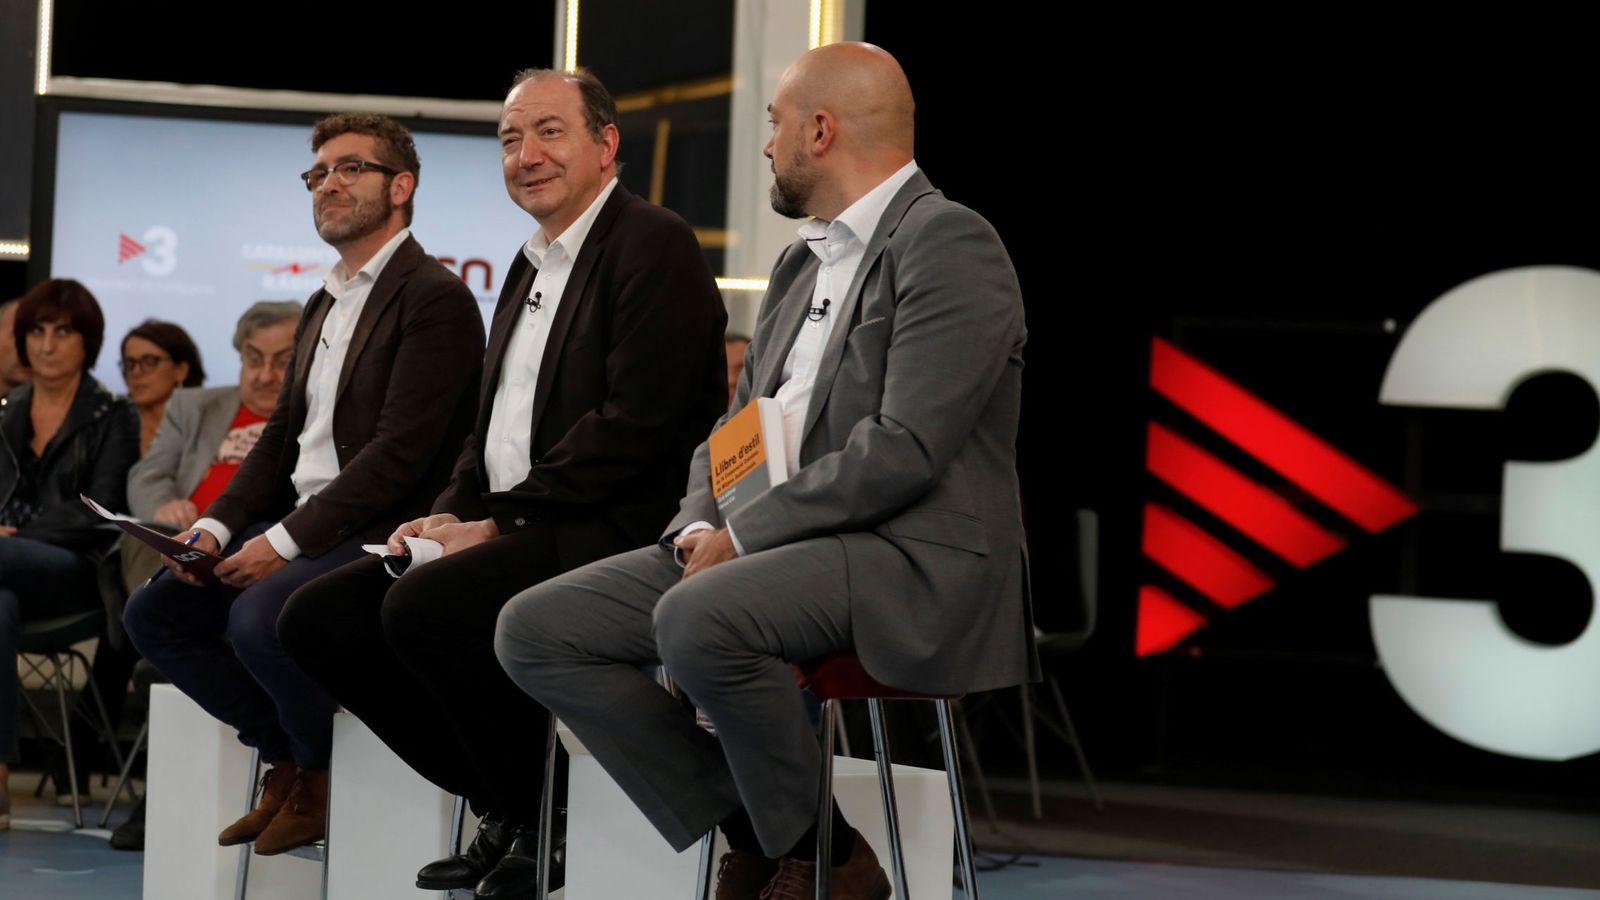 Foto: Marc Colomer, director de ACN, Vicent Sanchis, director de TV3, y Saul Gordillo, director de Catalunya Ràdio. (Reuters)